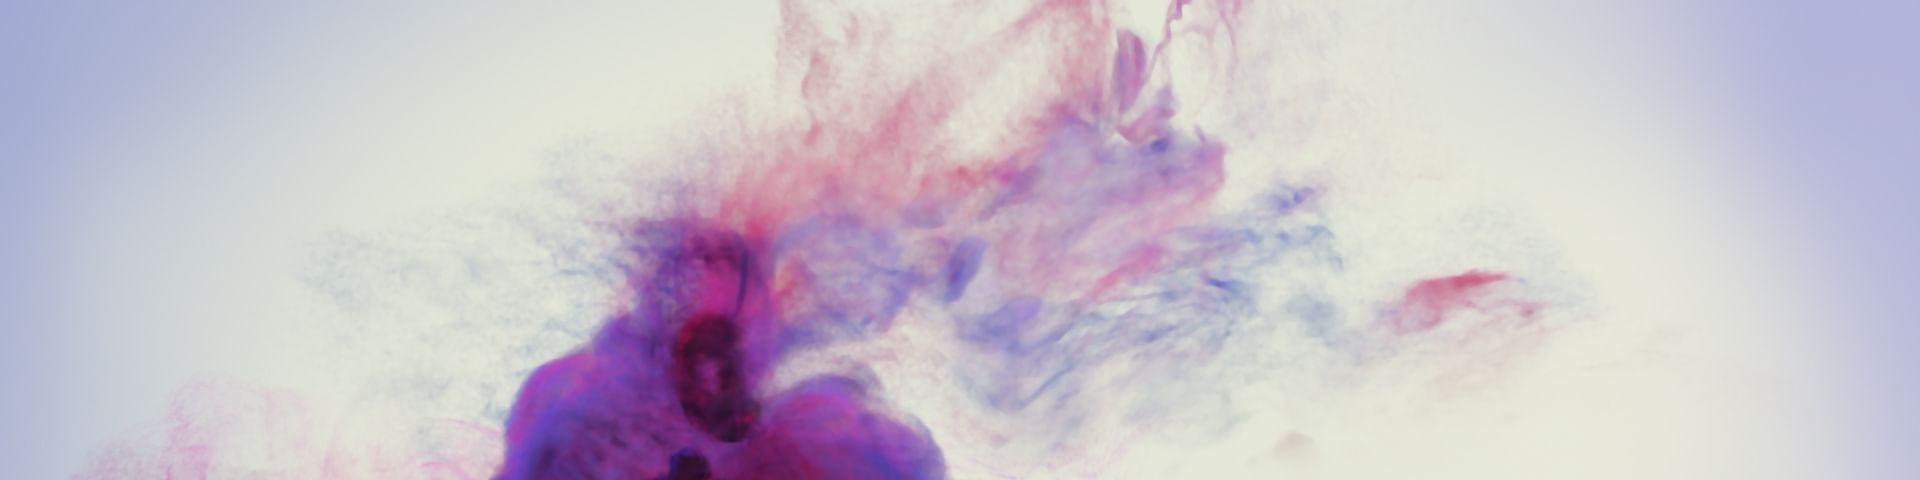 Les bannières métissées de Raphaël Barontini